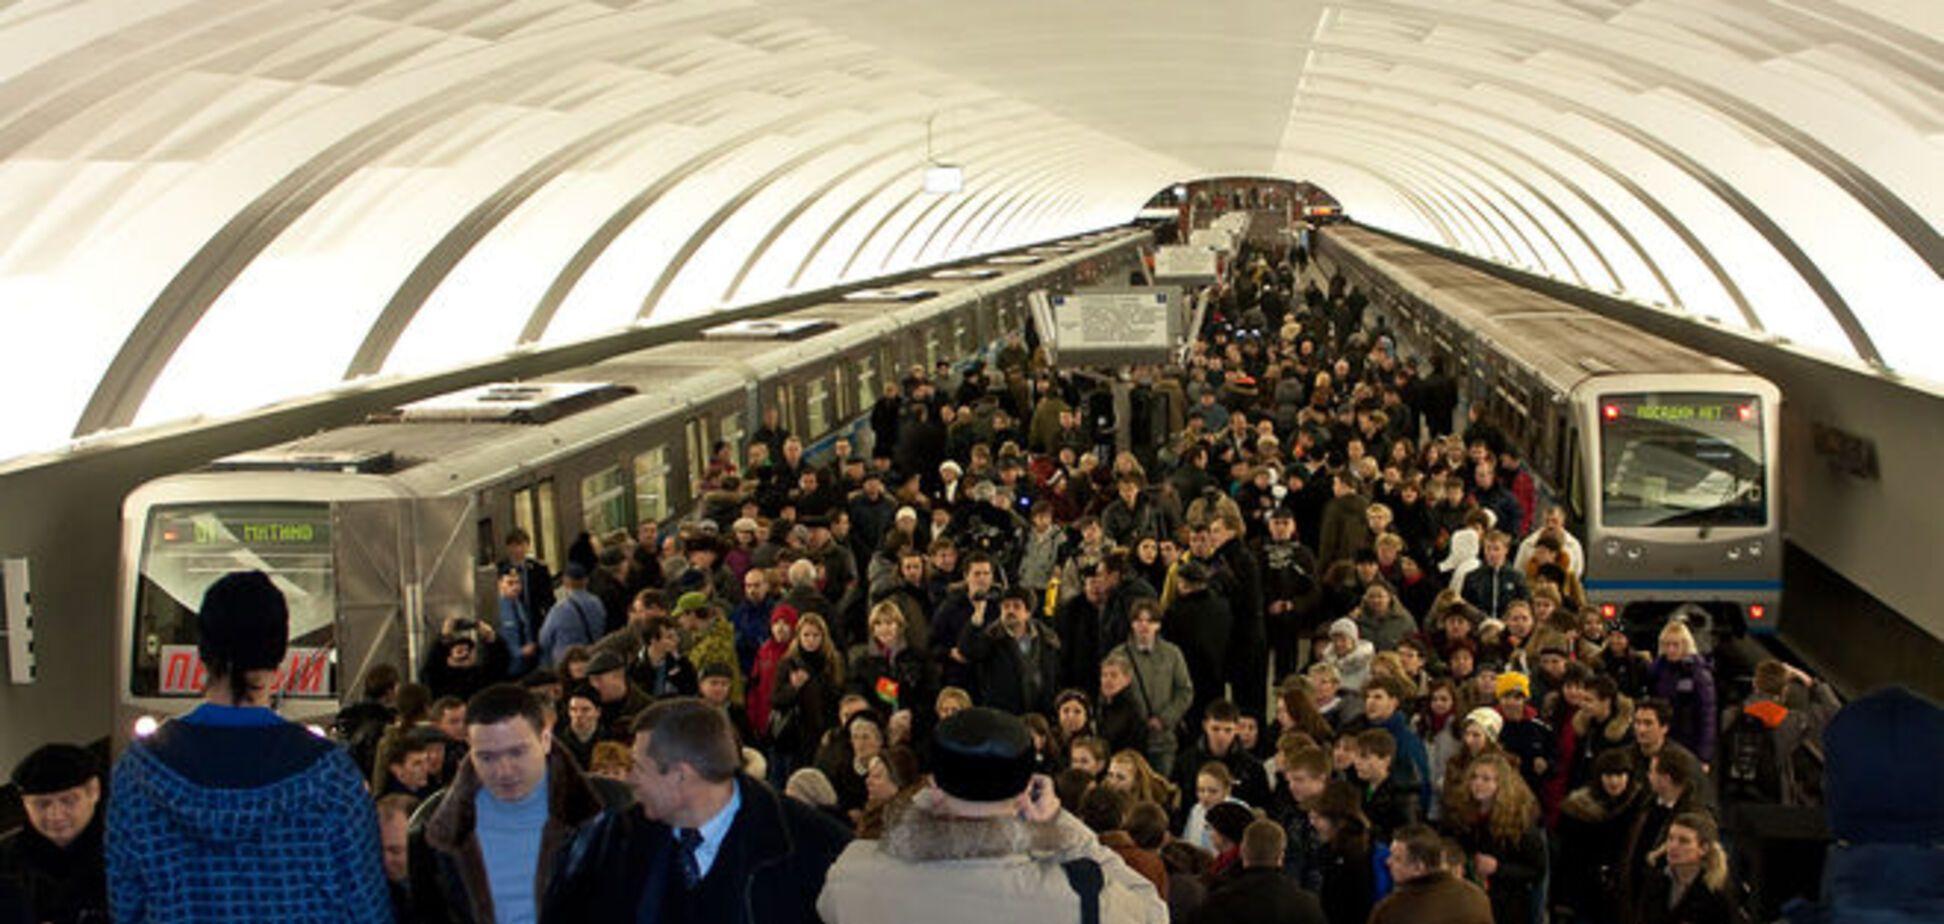 Безрукий 'ополченец' просит милостыню в московском метро: видеофакт